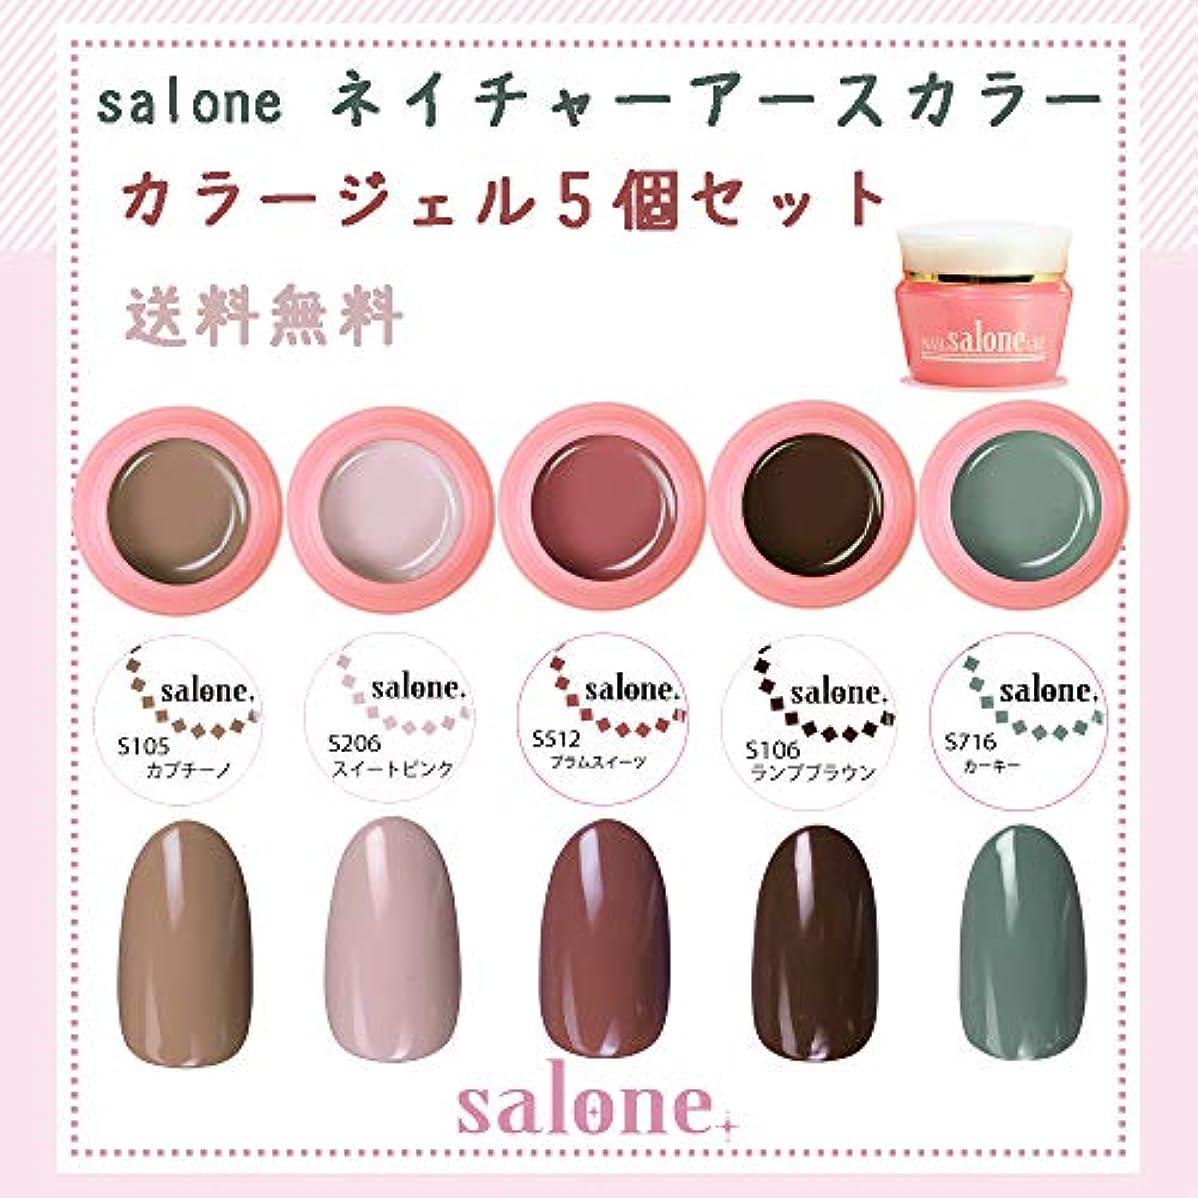 捨てるゴミ涙が出る【送料無料 日本製】Salone ネイチャーアースカラー カラージェル5個セット ボタニカルでネイチャーなカラーをチョイスしました。